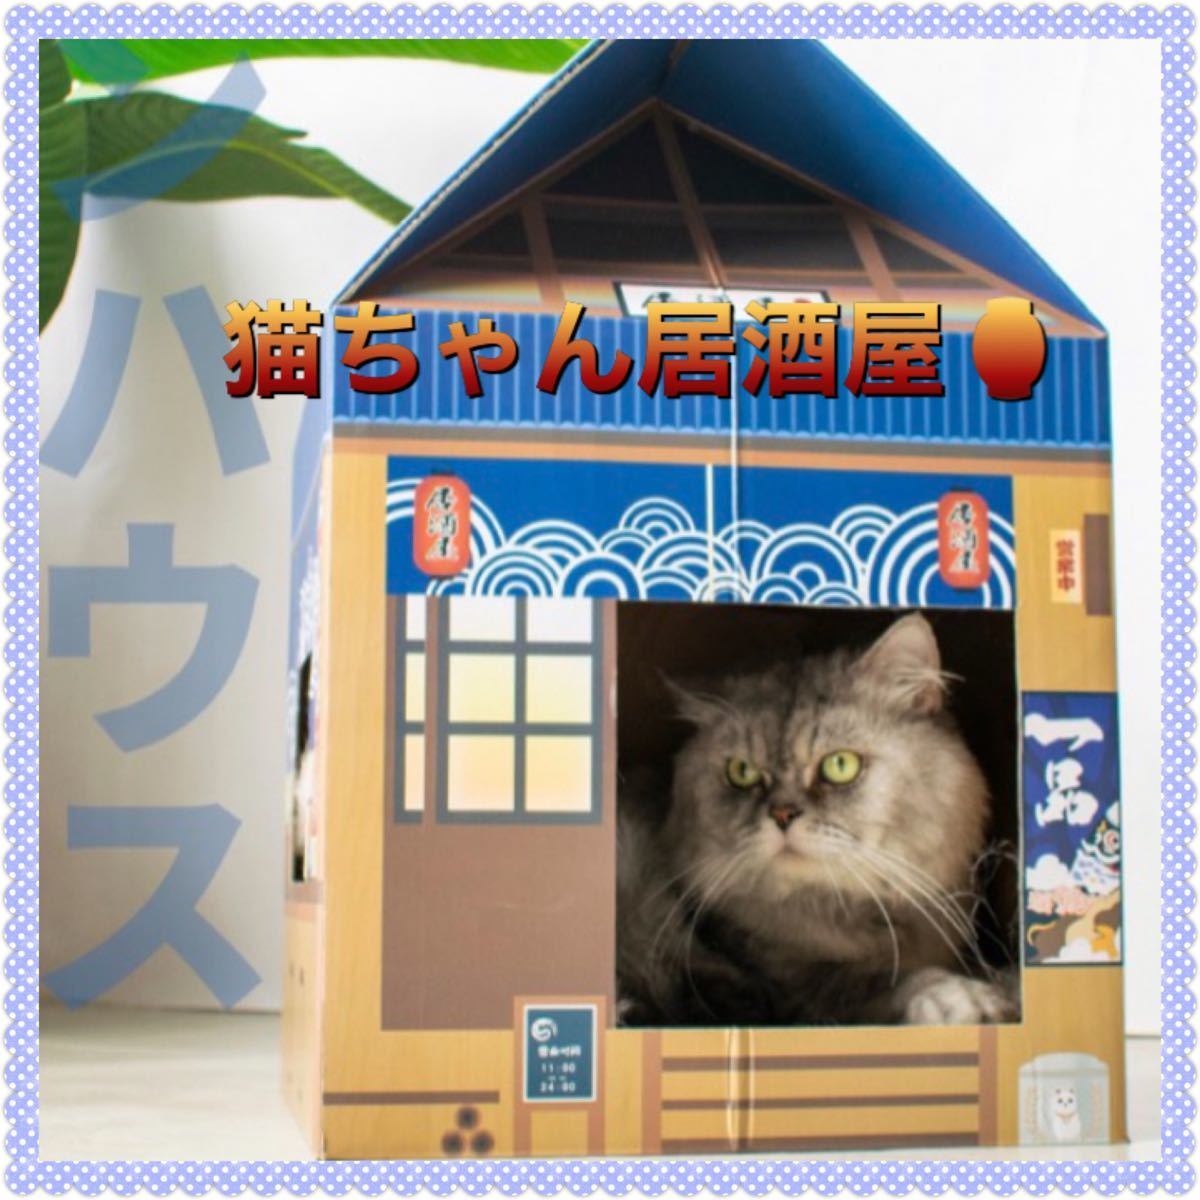 猫のおもちゃ 猫じゃらし 猫ちゃんの居酒屋 ユニークで可愛い爪とぎハウス 猫ちゃんの楽園